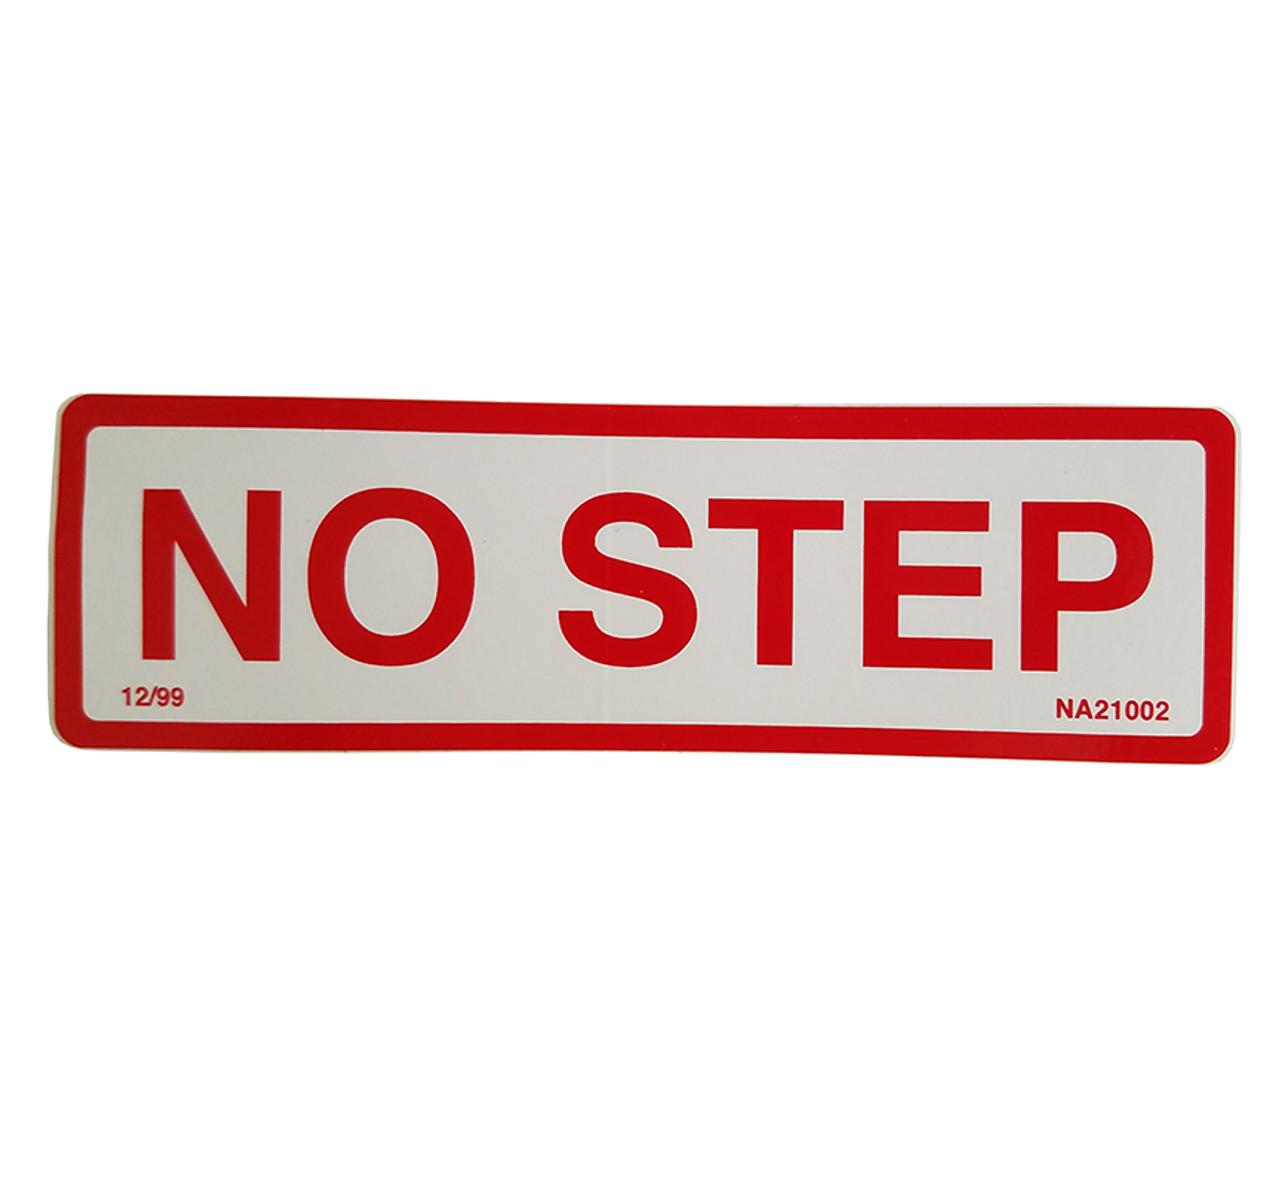 NA21002 --- Demco No Step Decal